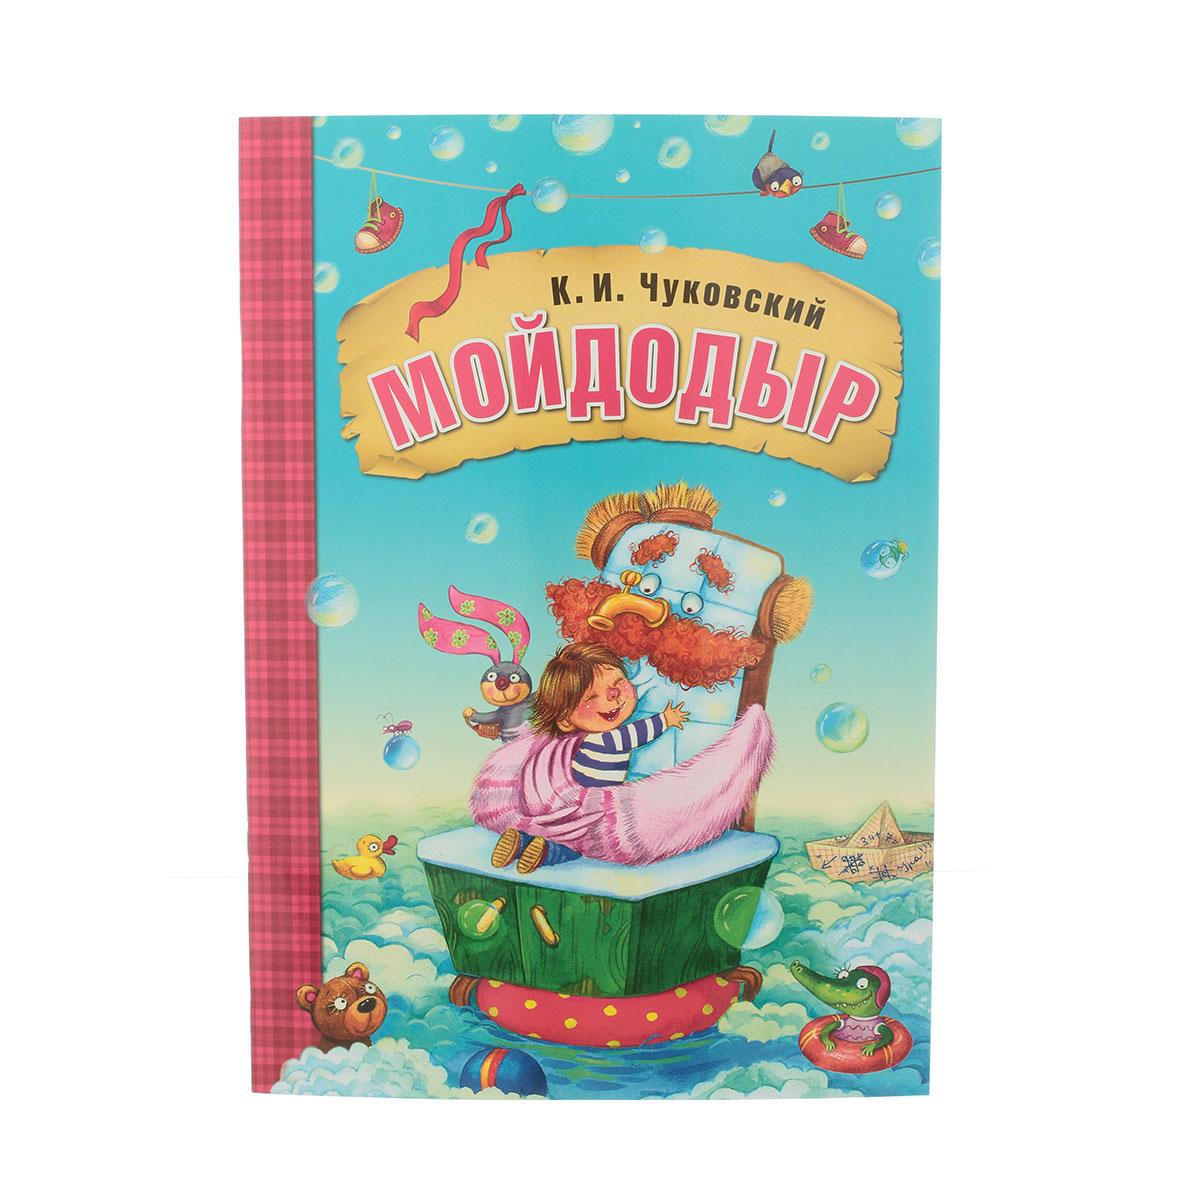 Сказки К.И. Чуковского – Мойдодыр, в мягкой обложкеПочитай мне сказку<br>Сказки К.И. Чуковского – Мойдодыр, в мягкой обложке<br>